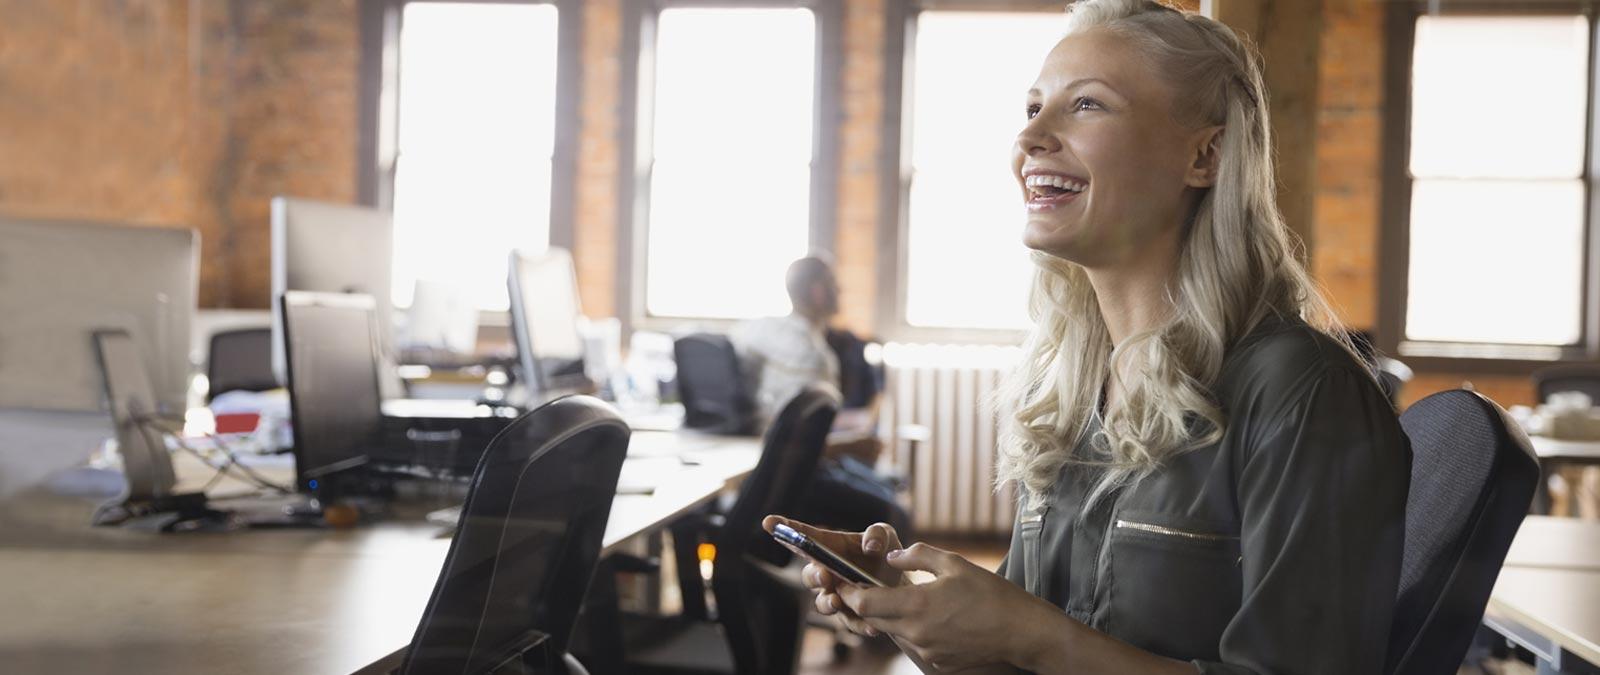 कार्यालय में एक महिला, स्मार्टफ़ोन पर Office 365 Business Essentials उपयोग कर रही है.